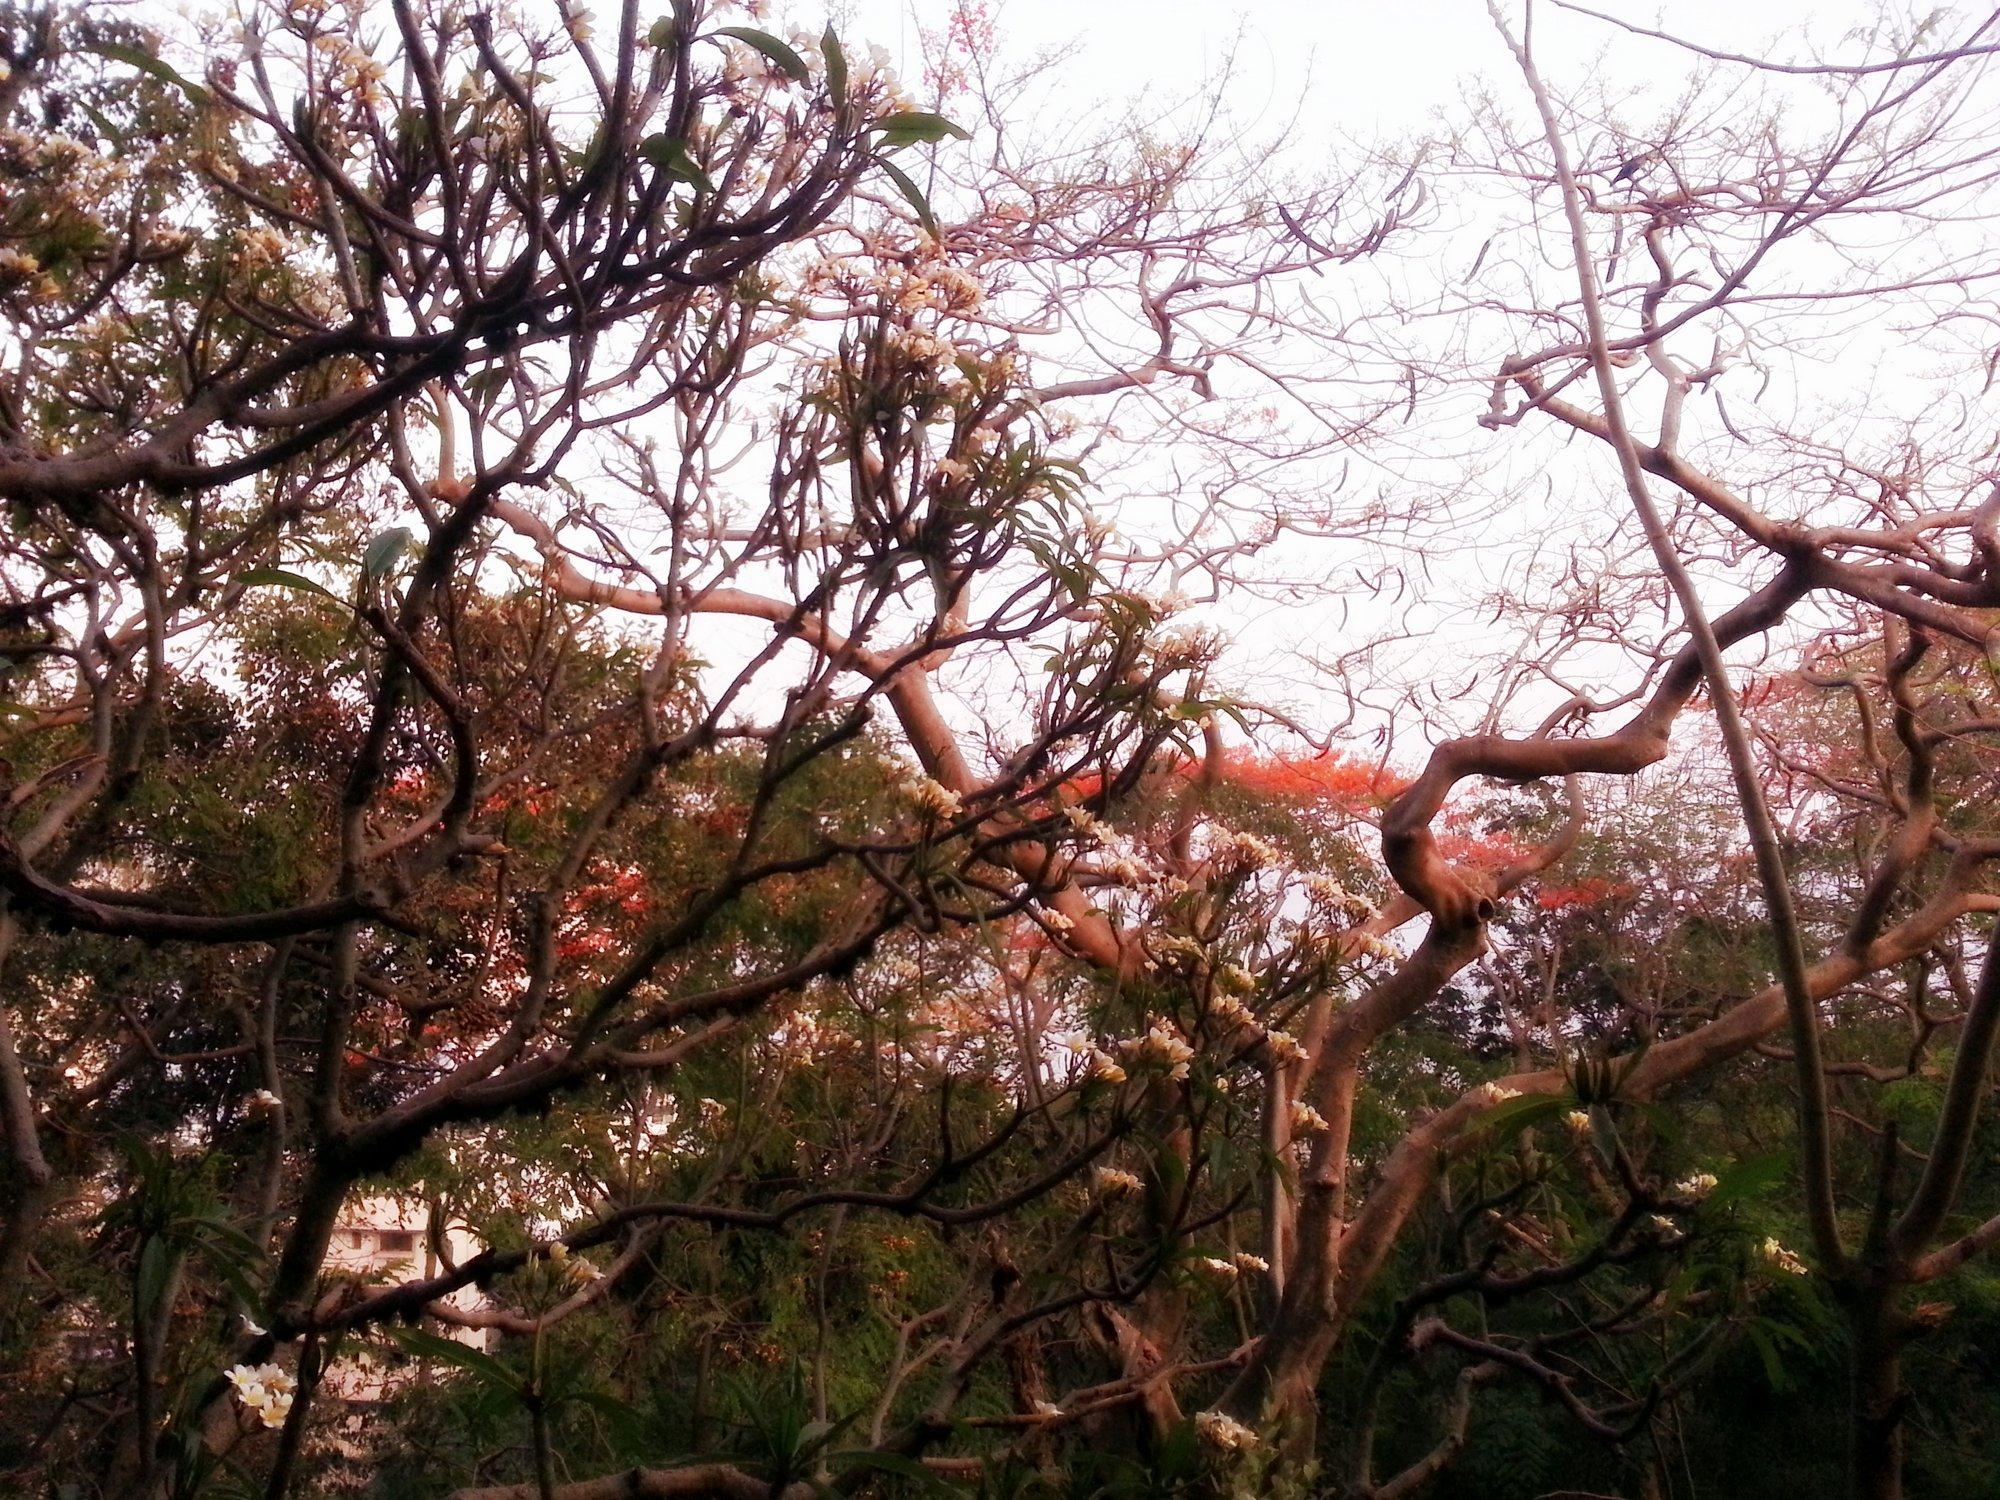 File:Hanging garden mumbai blooming flowers.jpg - Wikimedia Commons